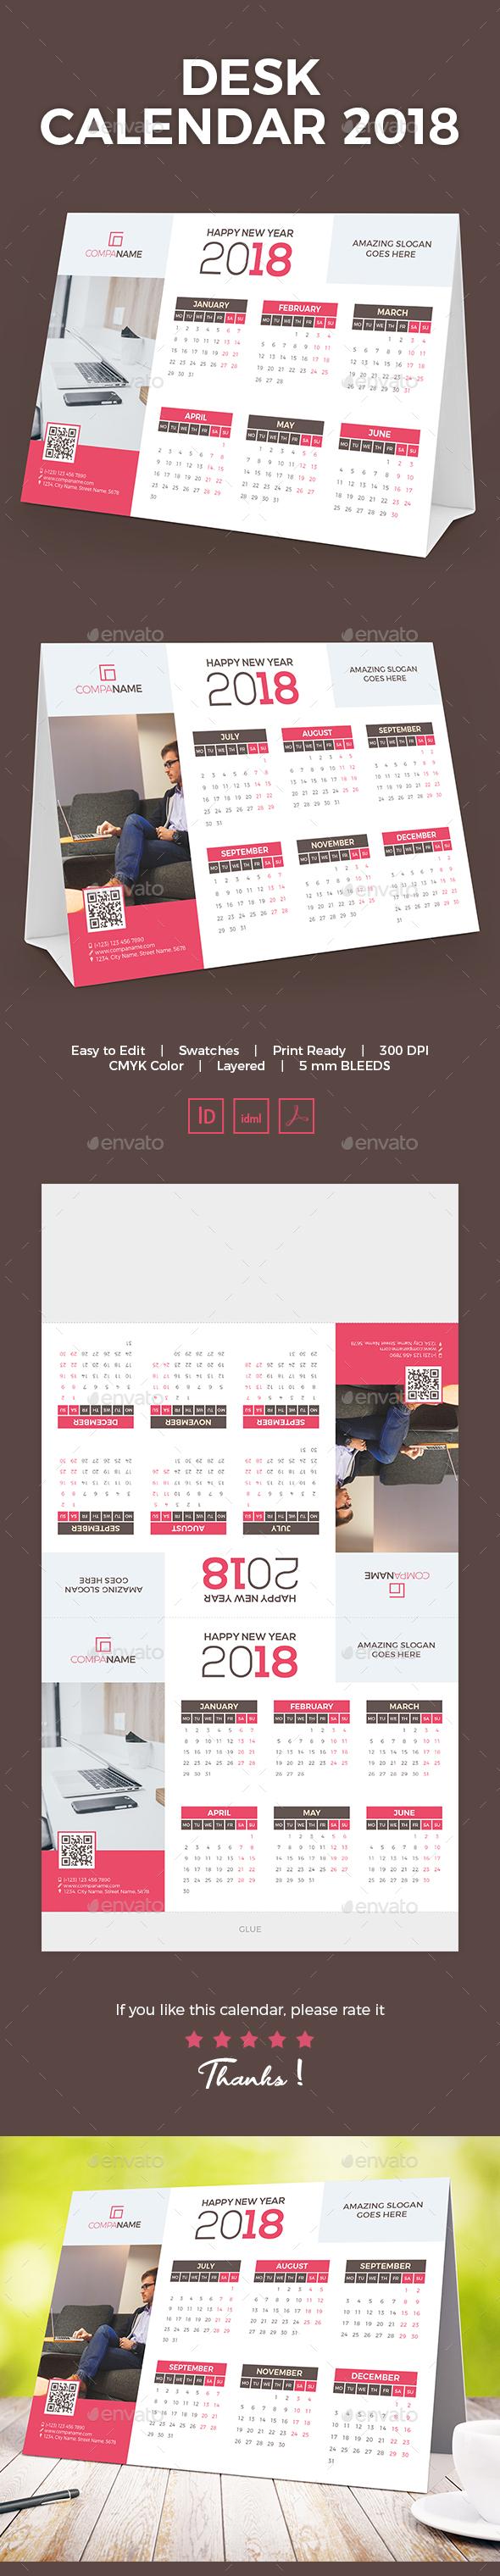 GraphicRiver Desk Calendar 2018 21045757